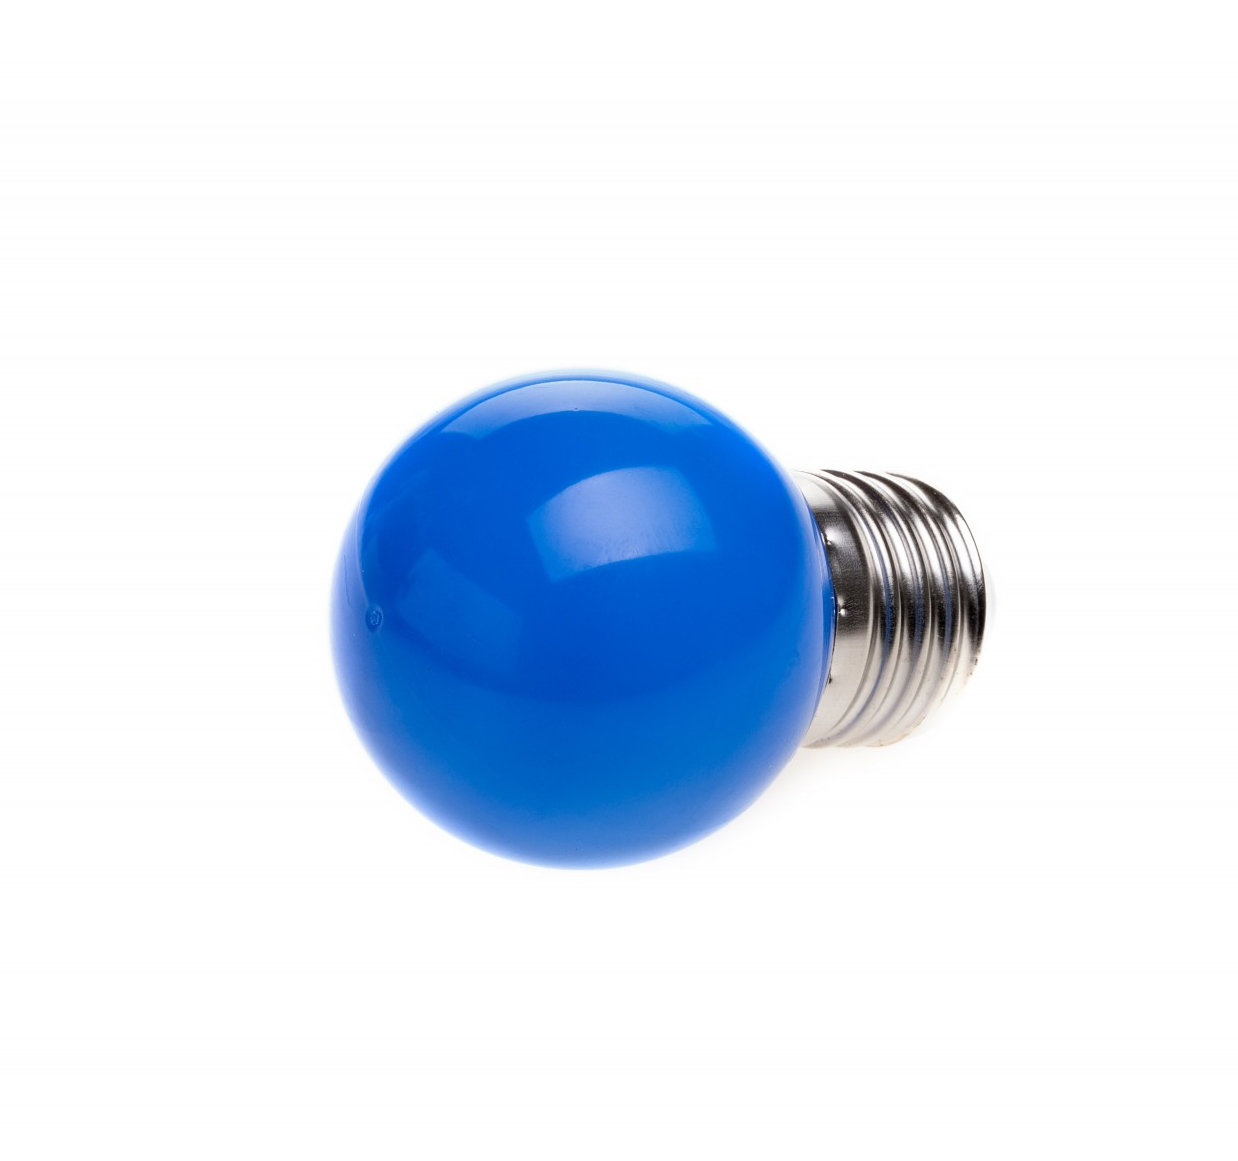 LED Dekoratívna žiarovka pre svetelné šnúry a reťaze, E27, 1W, Modrá farba (2)